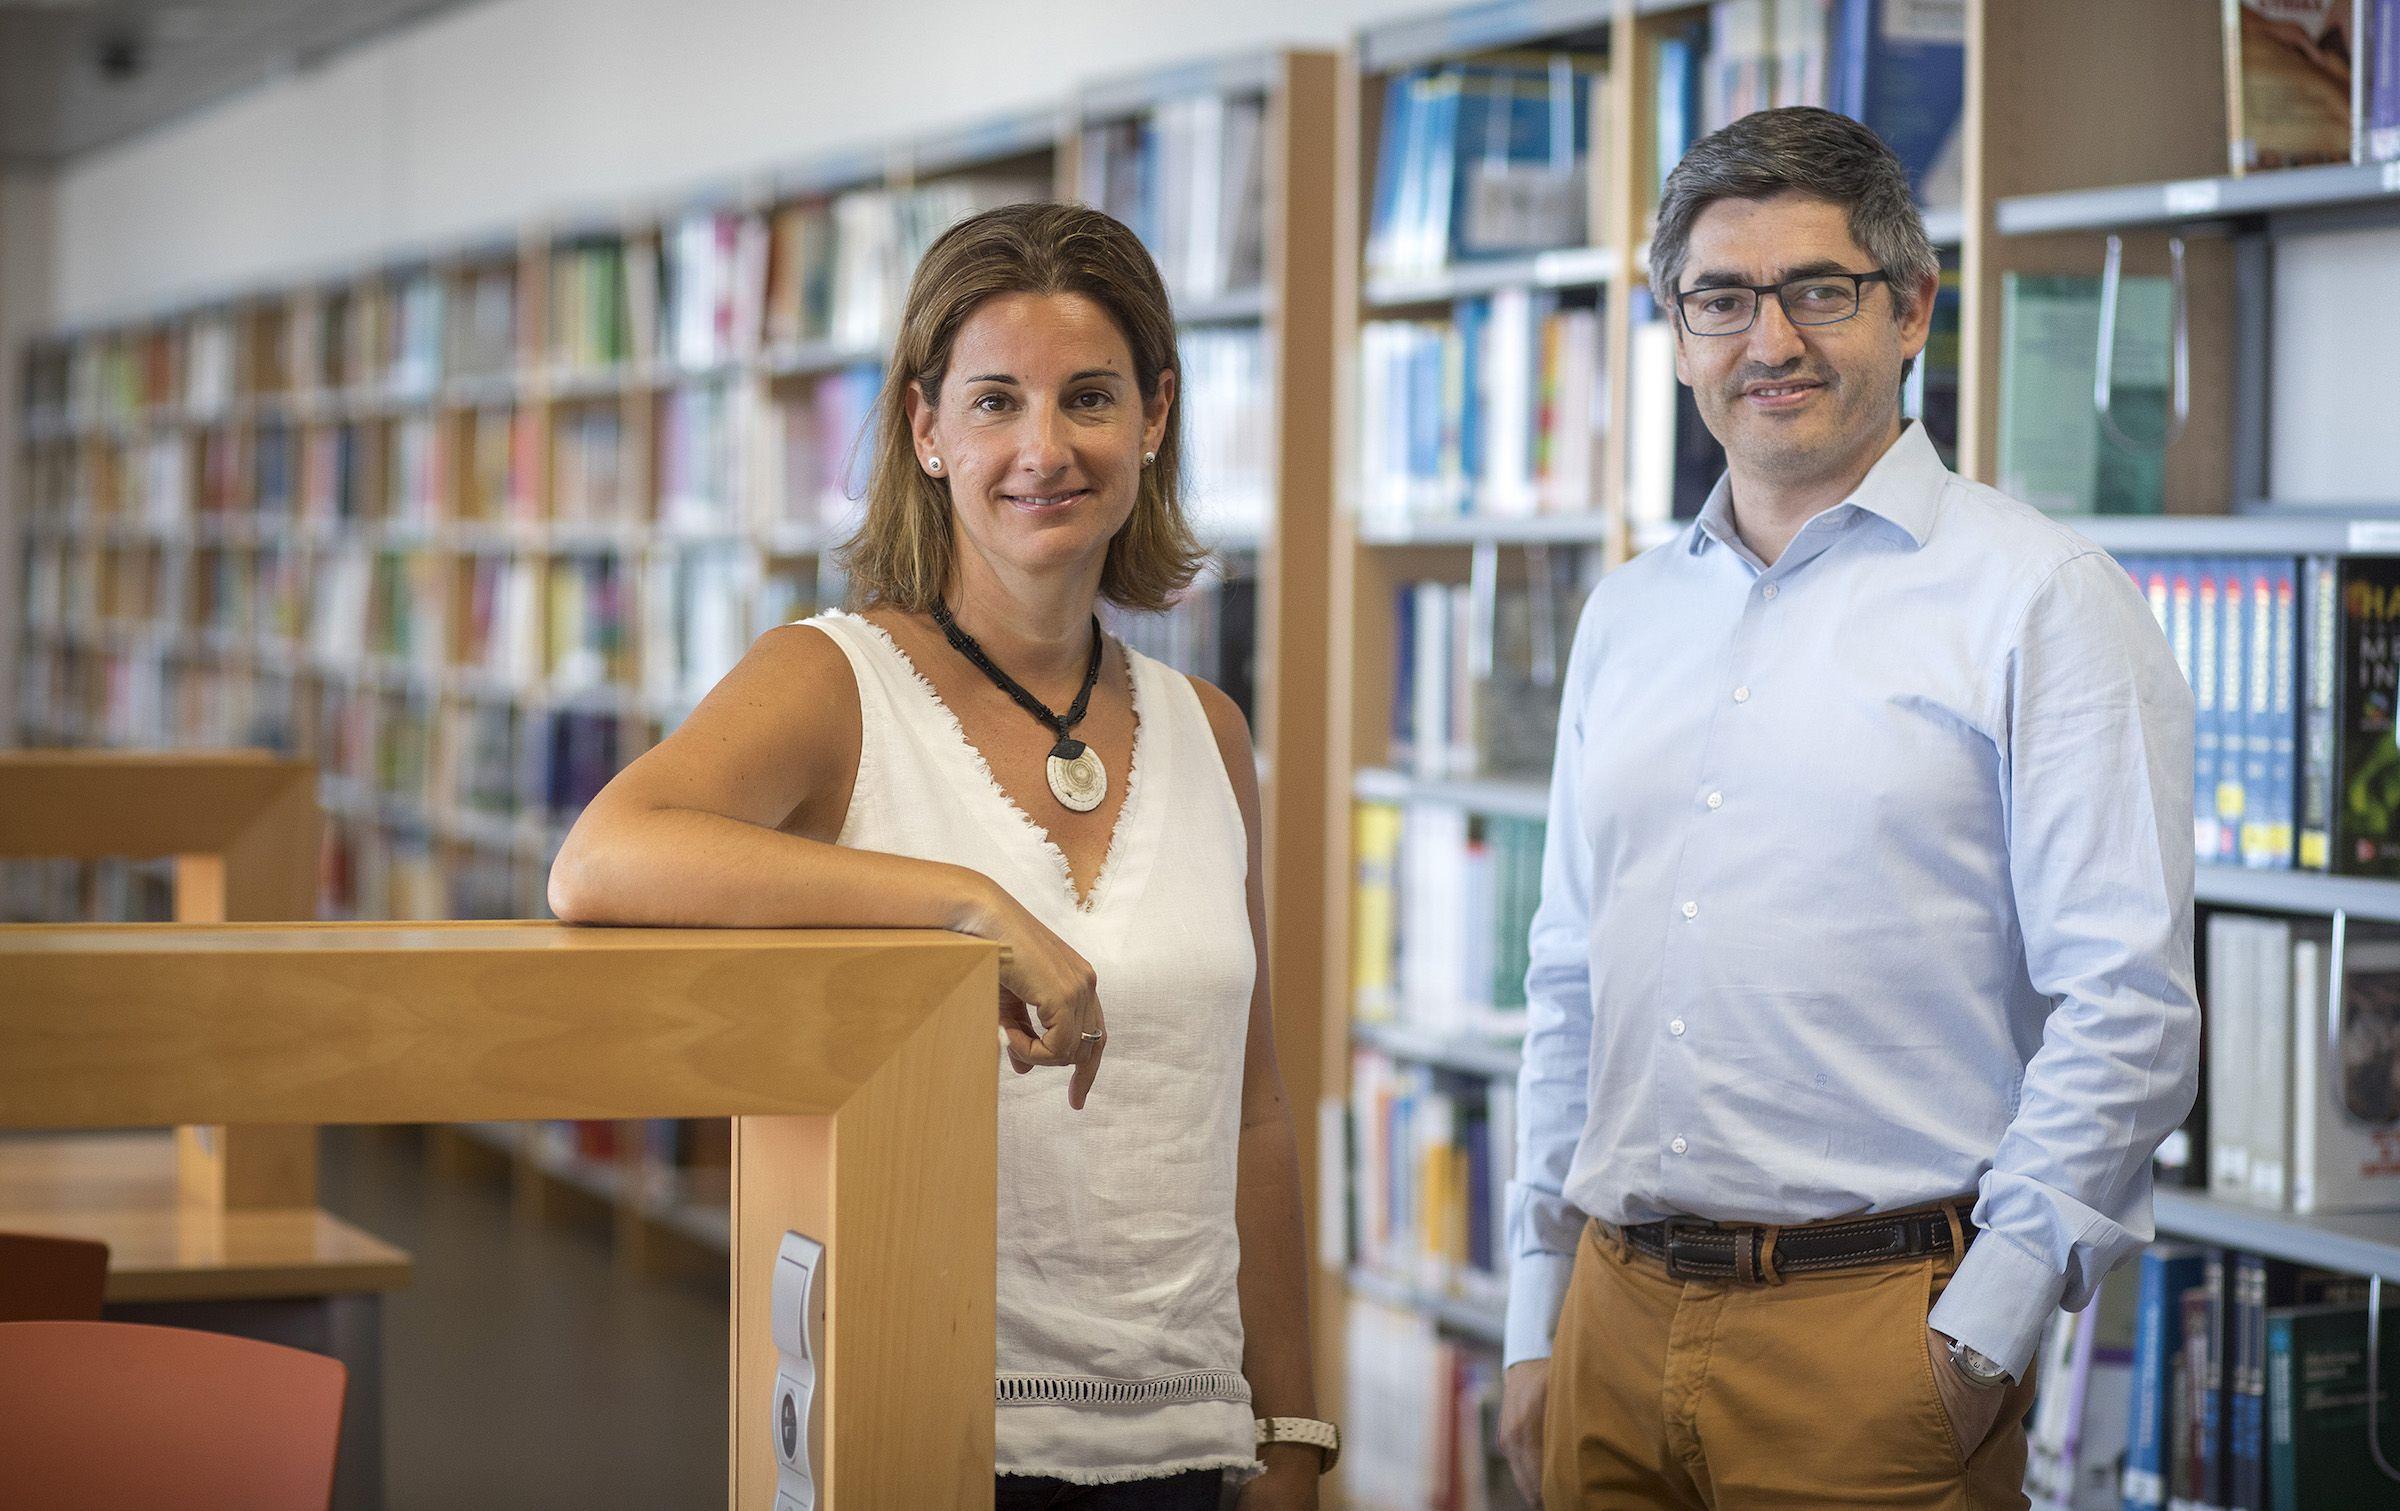 Los profesores de la CEU UCH Mabel Marí y Gonzalo Haro, codirectores del estudio sobre adicción a los videojuegos e inadaptación escolar.